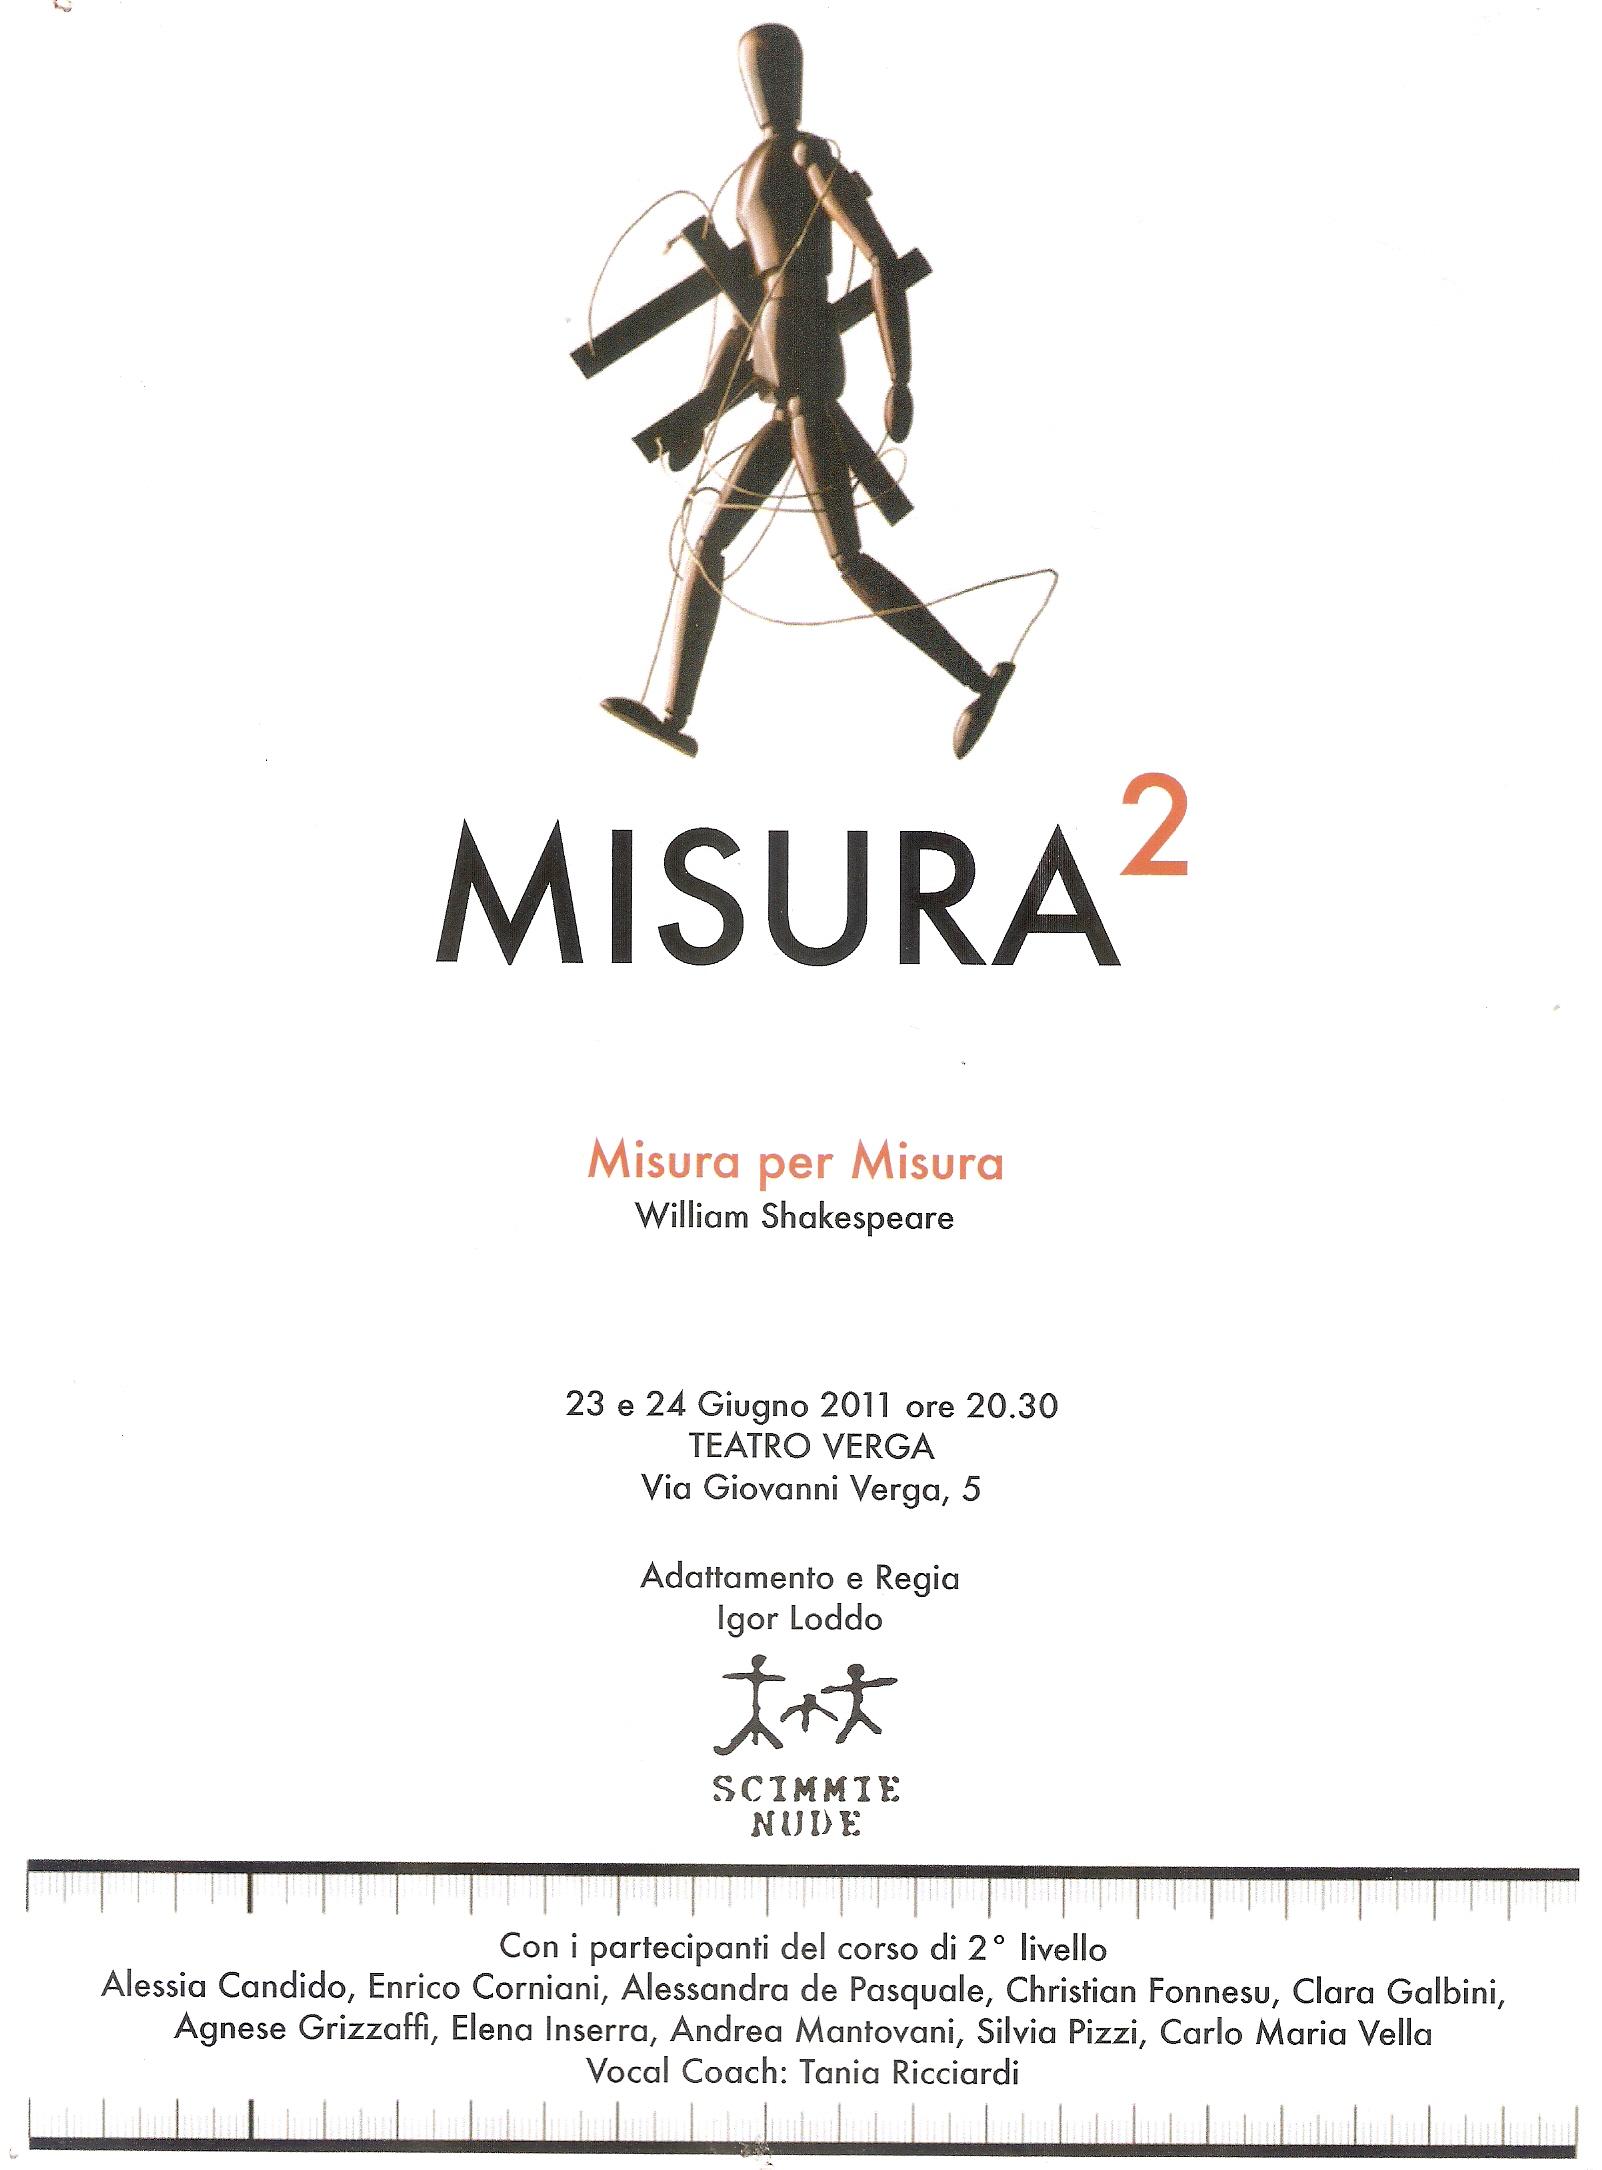 Misura-2-2010_2011